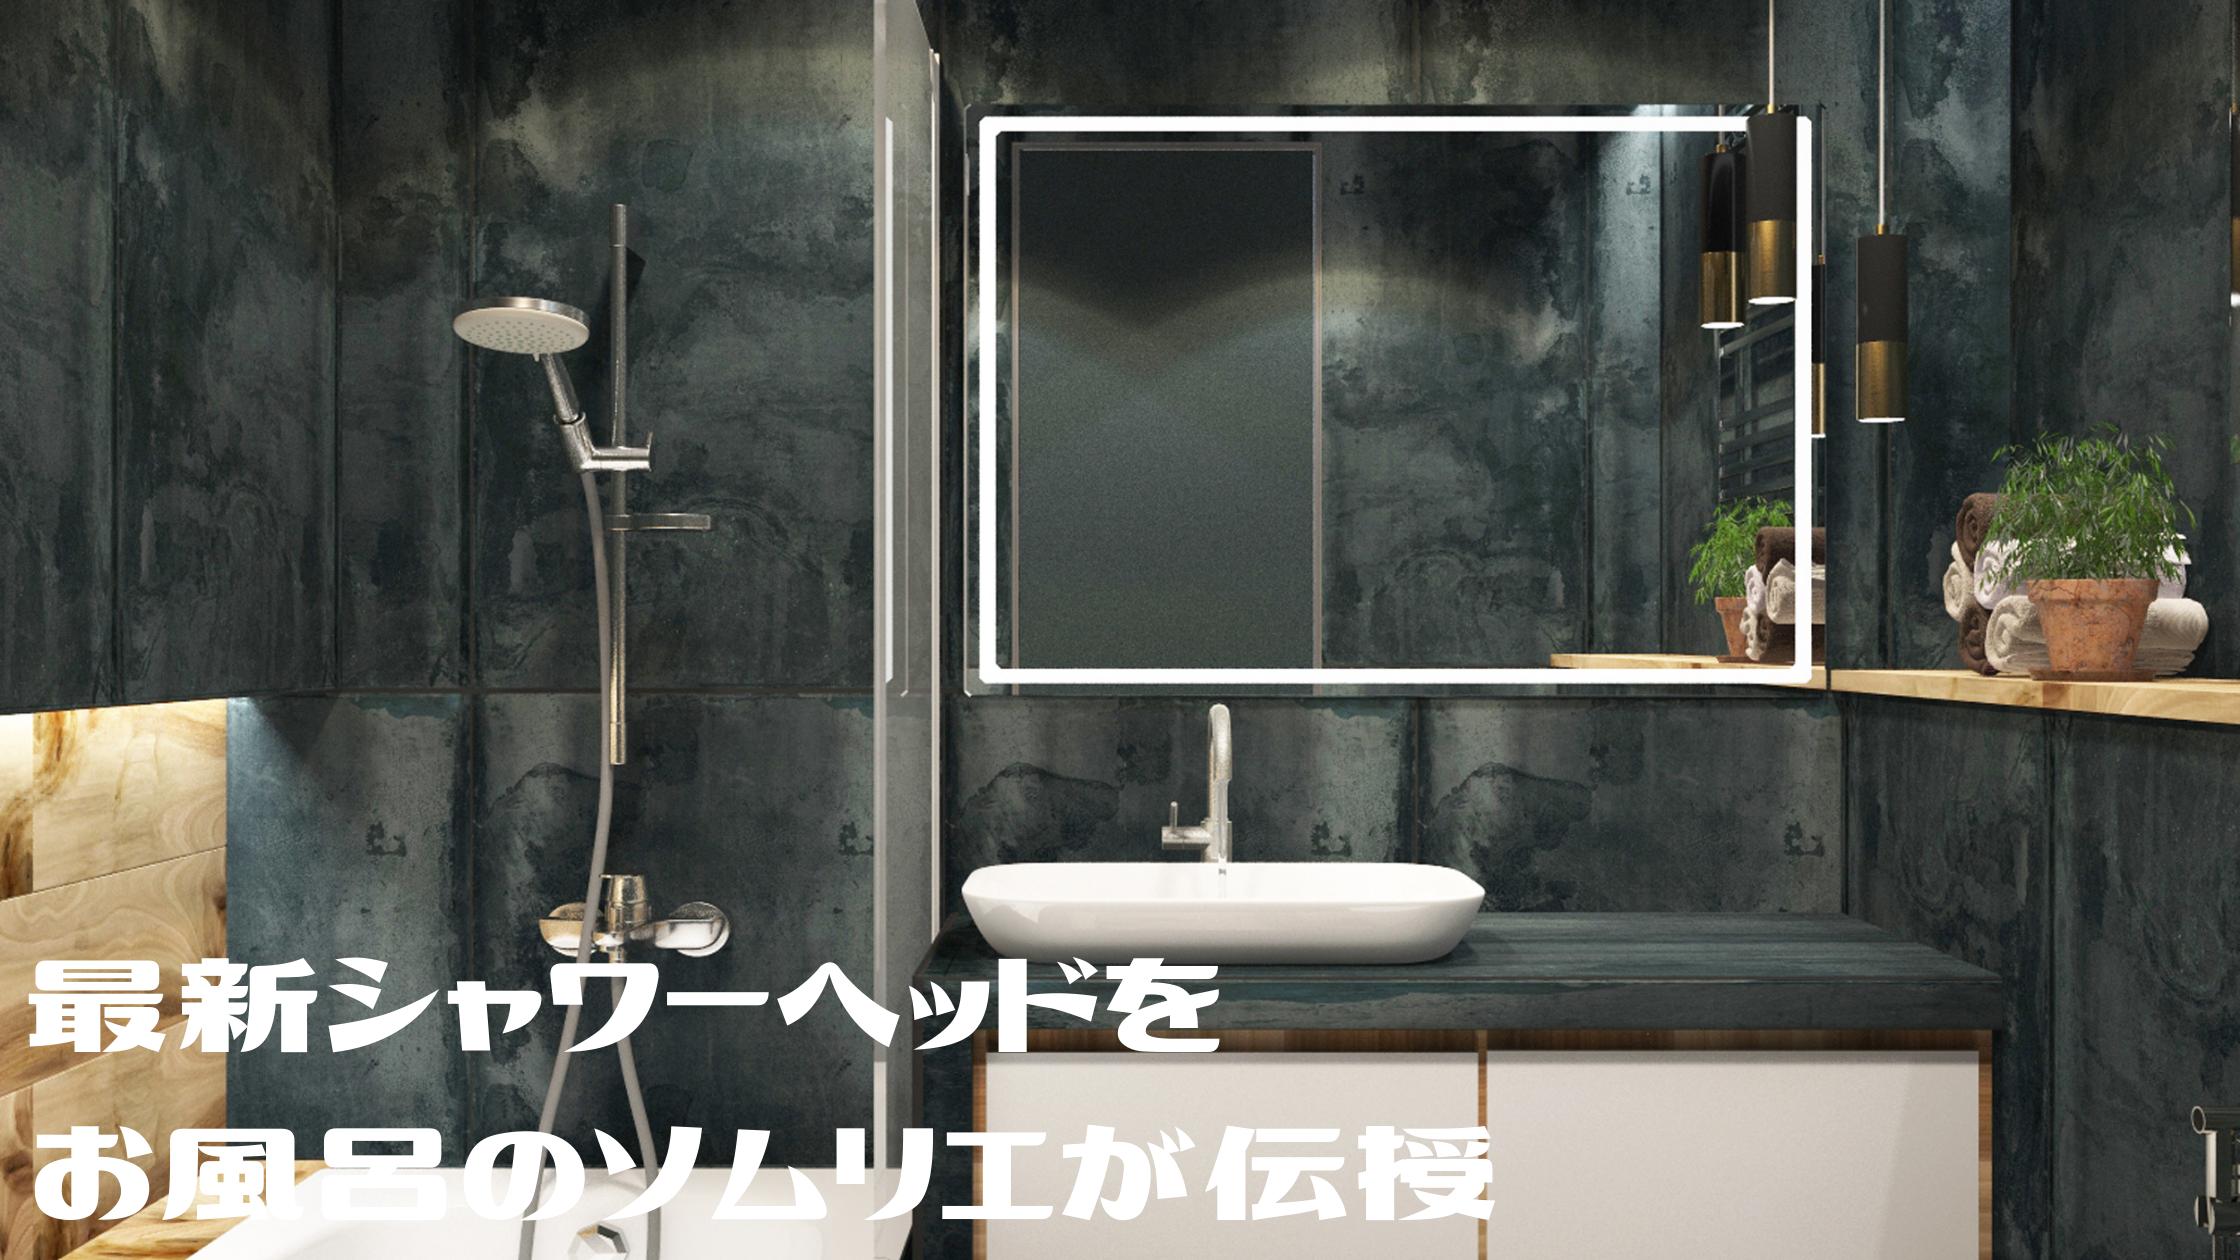 【櫻井・有吉THE夜会SP】『毛穴の汚れまで落とす』『強めの水圧』『ロールスロイスと呼ばれる』最新シャワーヘッド